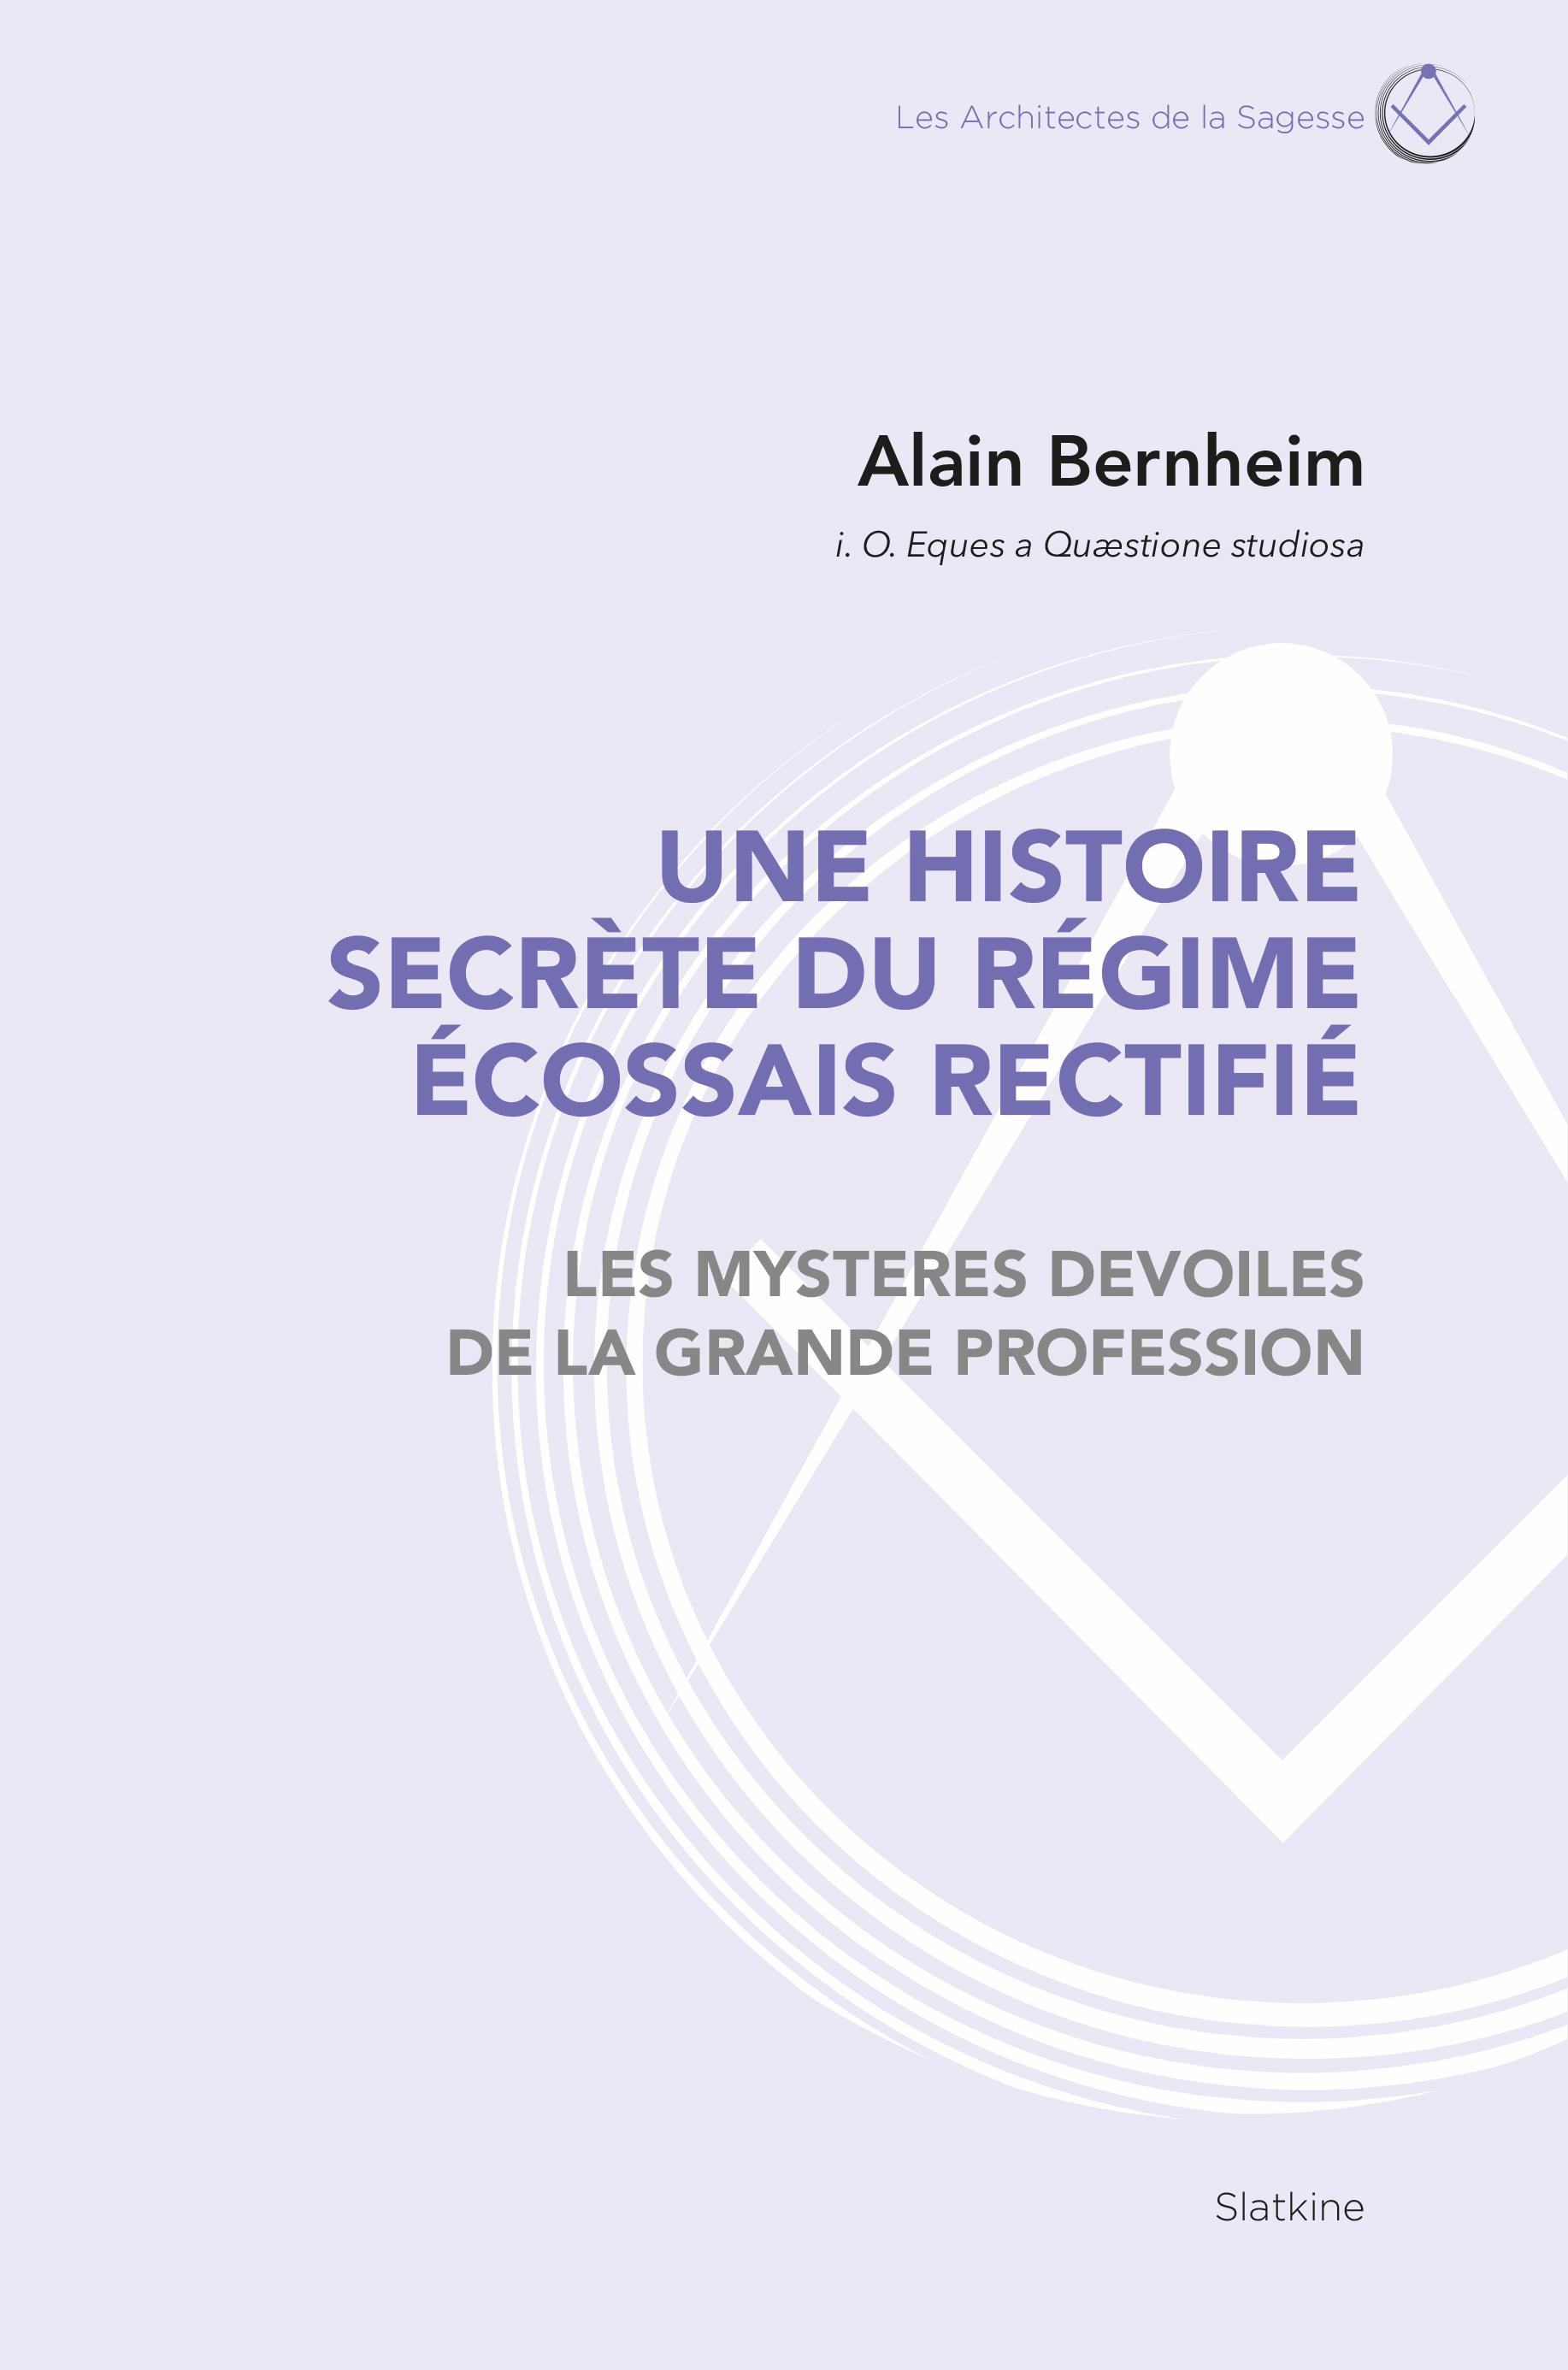 franc-maçonnerie-esoterisme-alain-bernheim-franc-maconnerie-rite-ecossais-rectifie